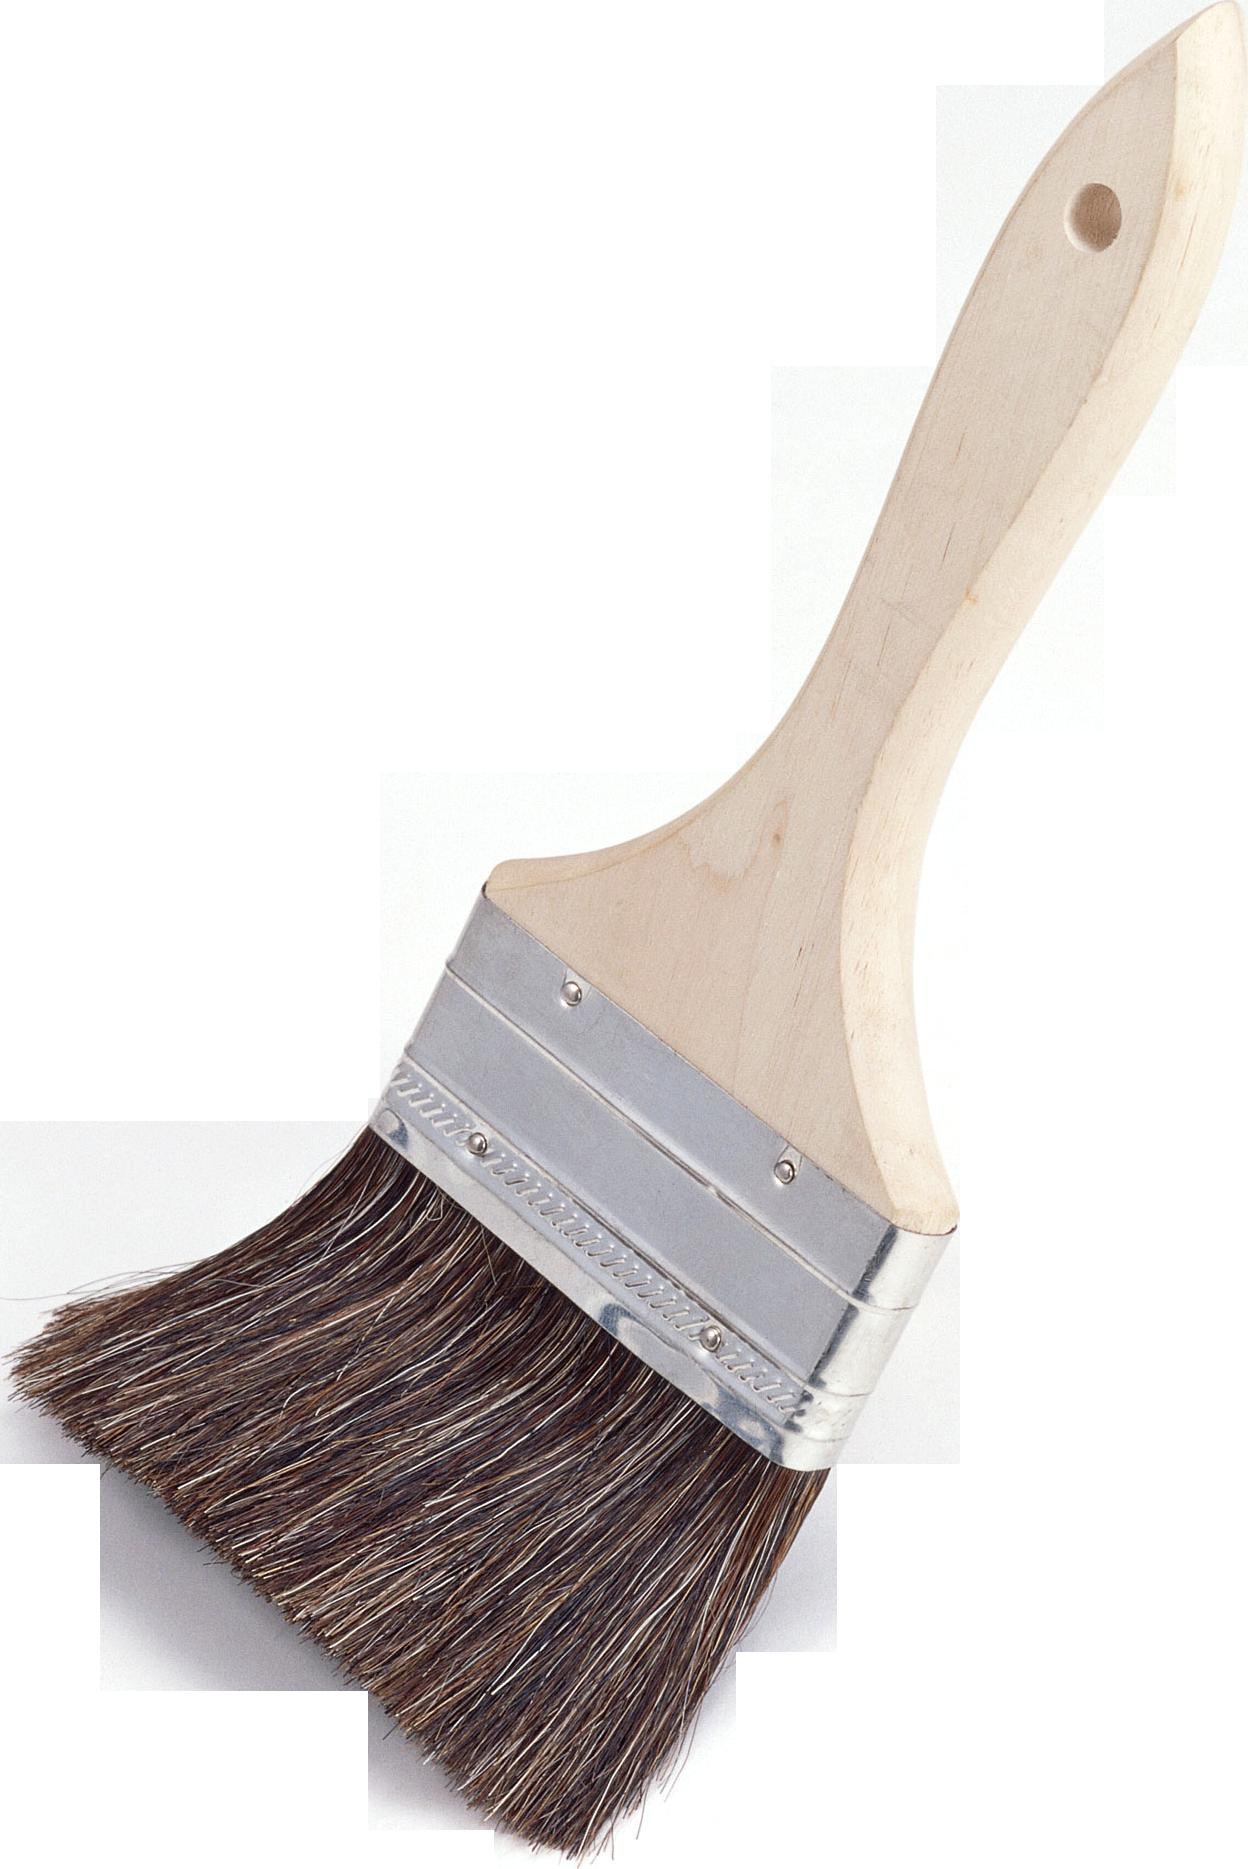 Paint brush png image. Paintbrush clipart 3 pencil